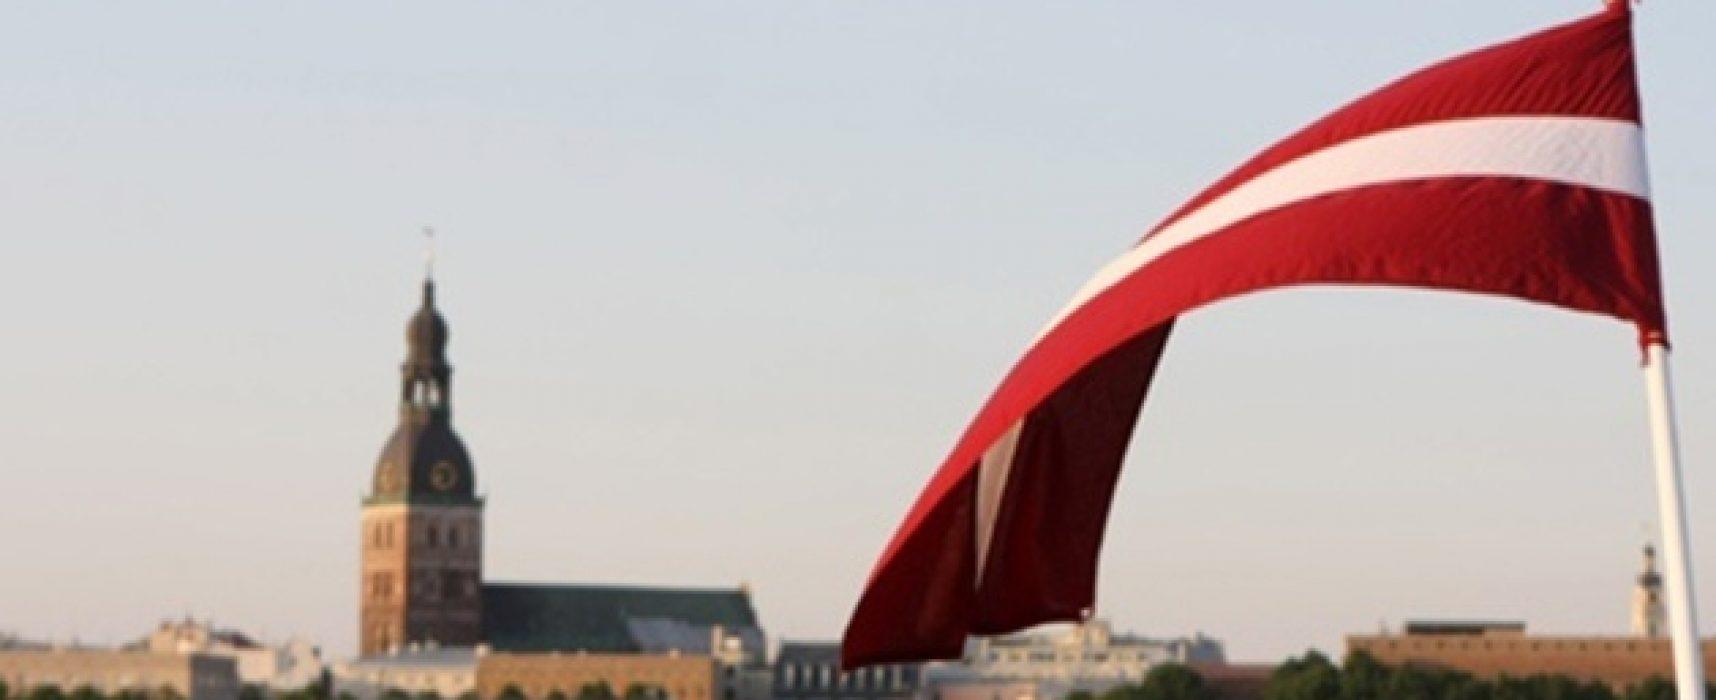 Санкции в действии: Латвия запретила вещание 9 российских телеканалов